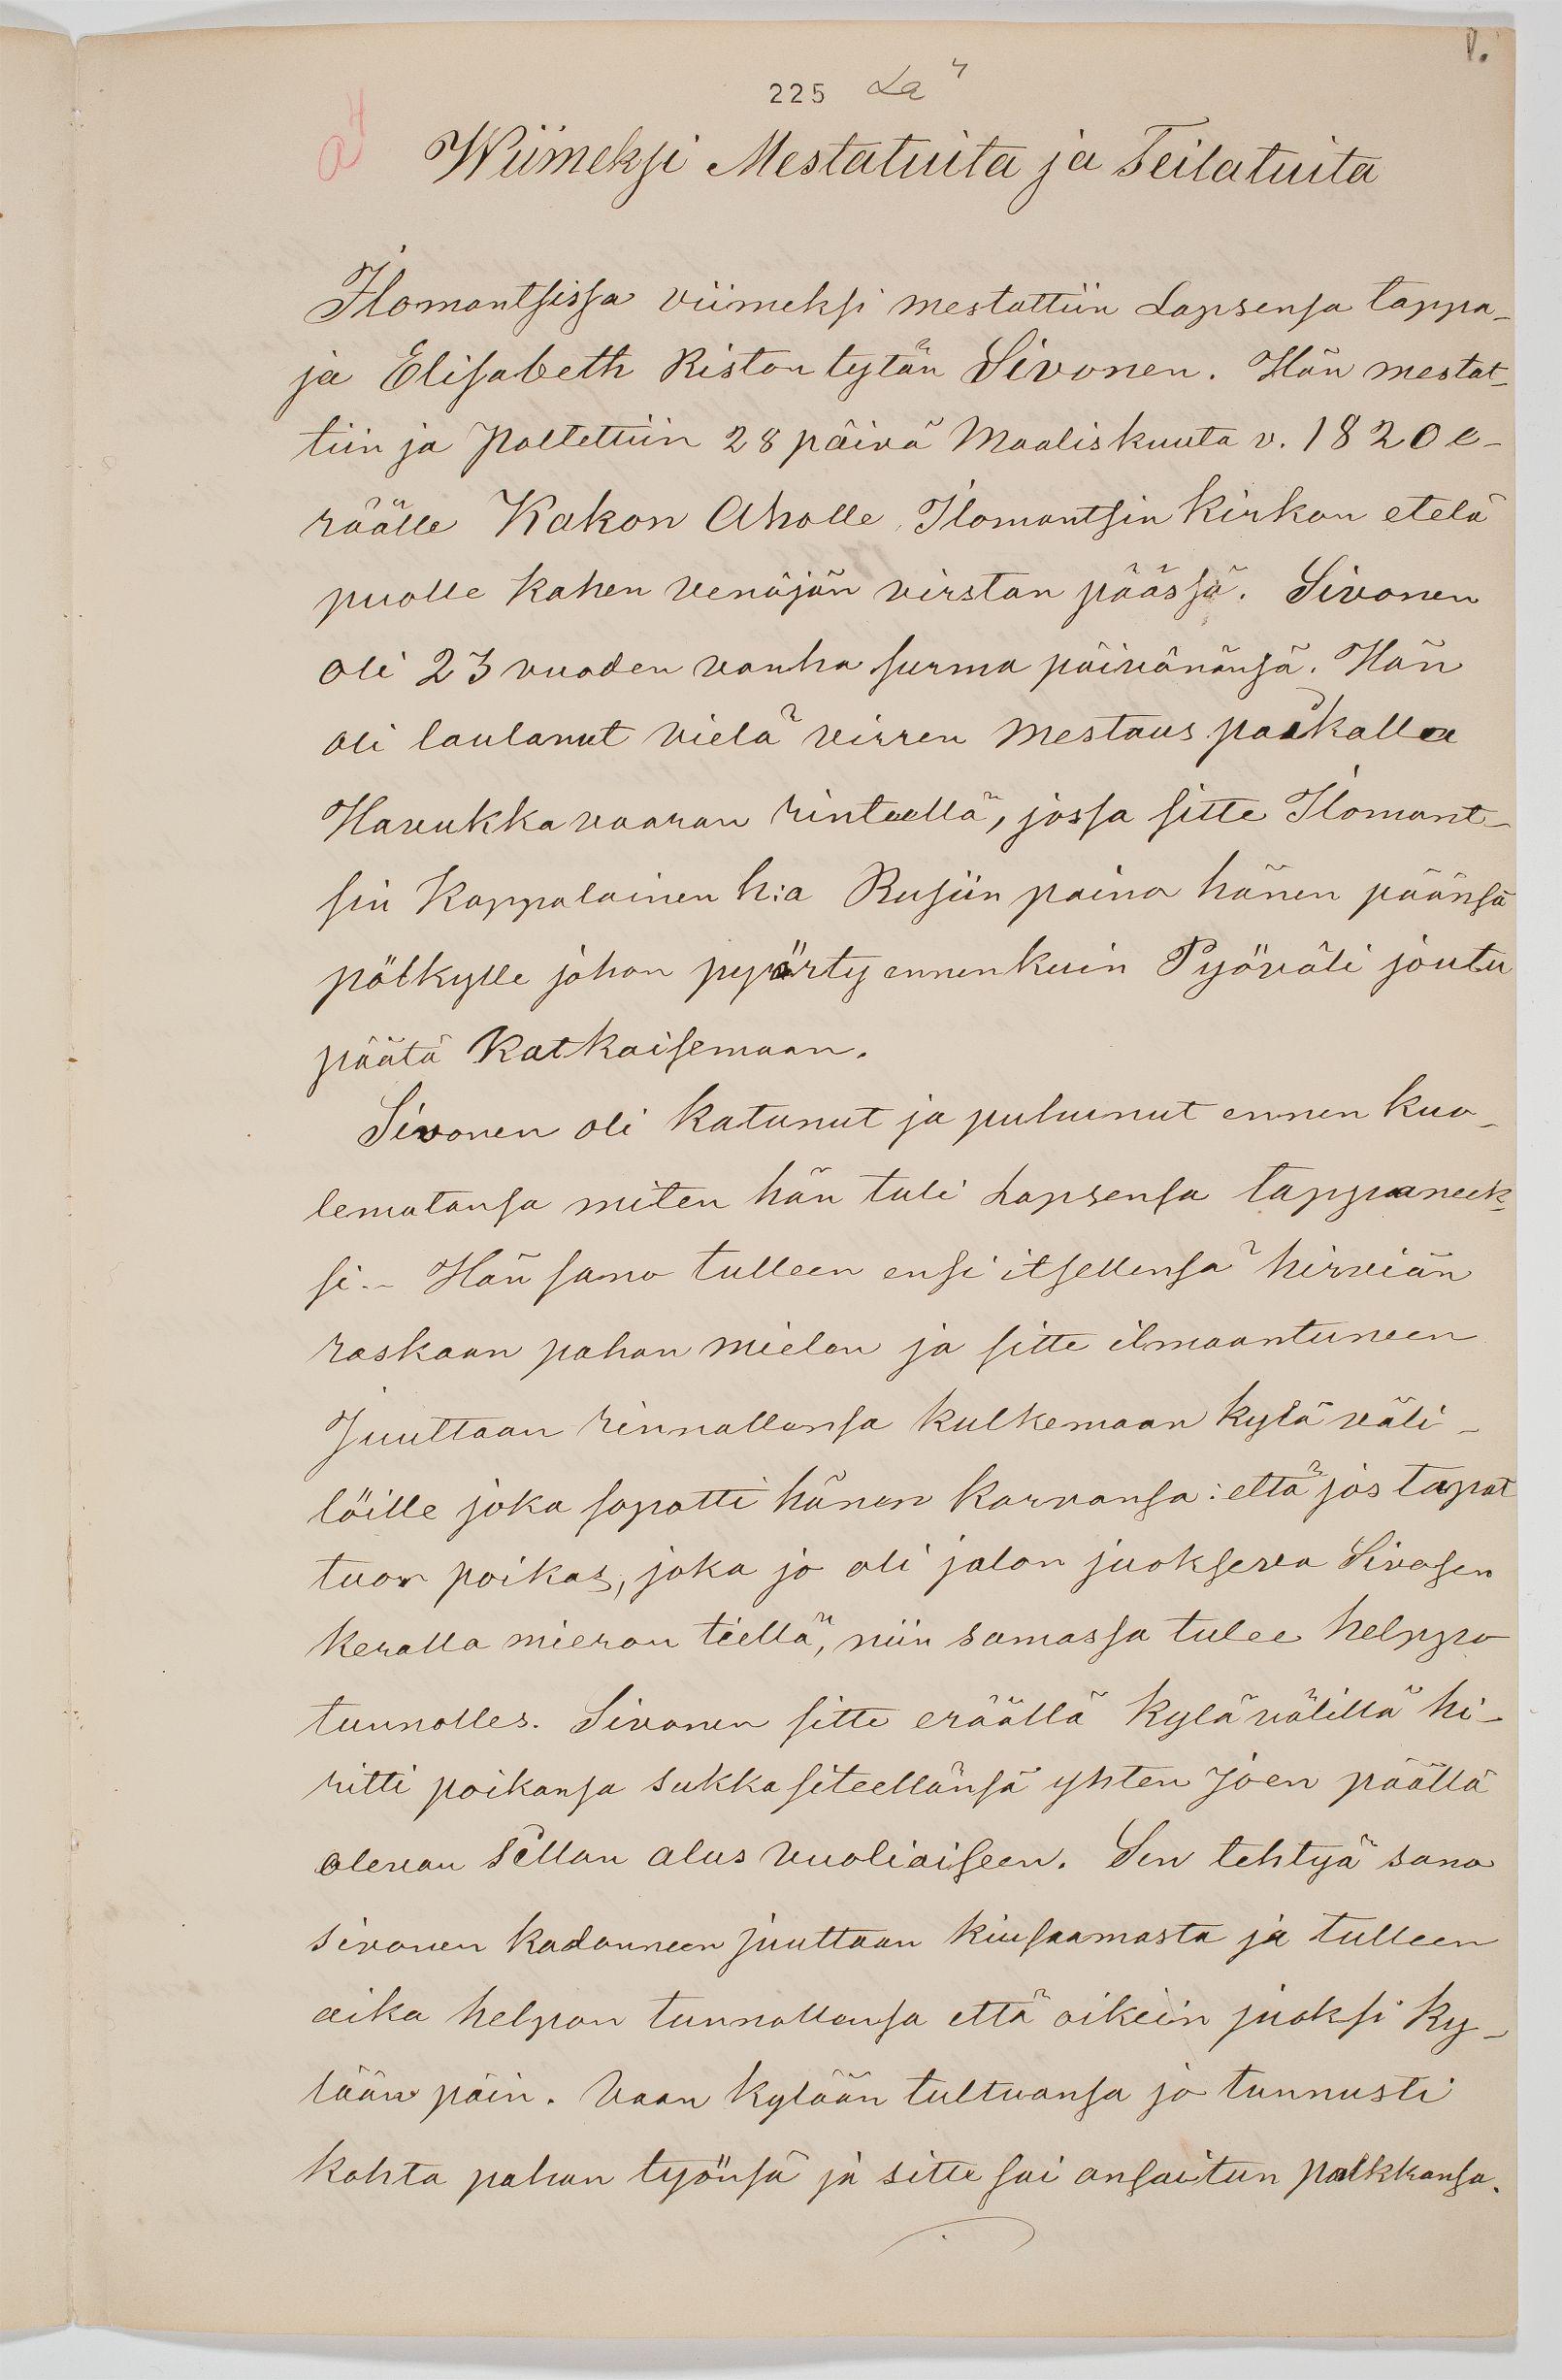 Henrik Laitisen tallentamaa muistitietoa kesällä 1866.